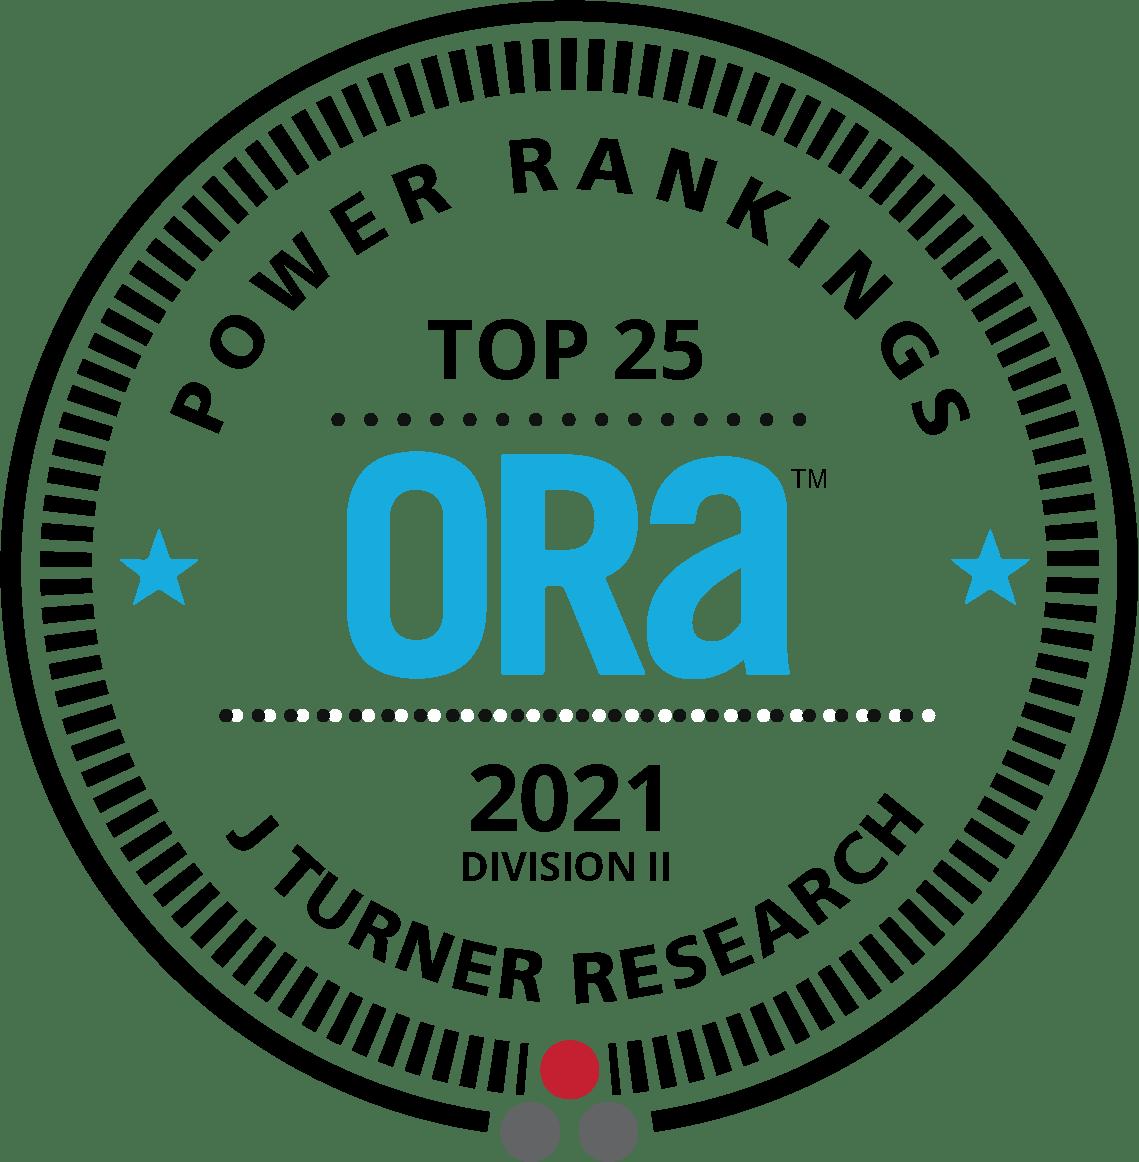 ORA Top 25 logo